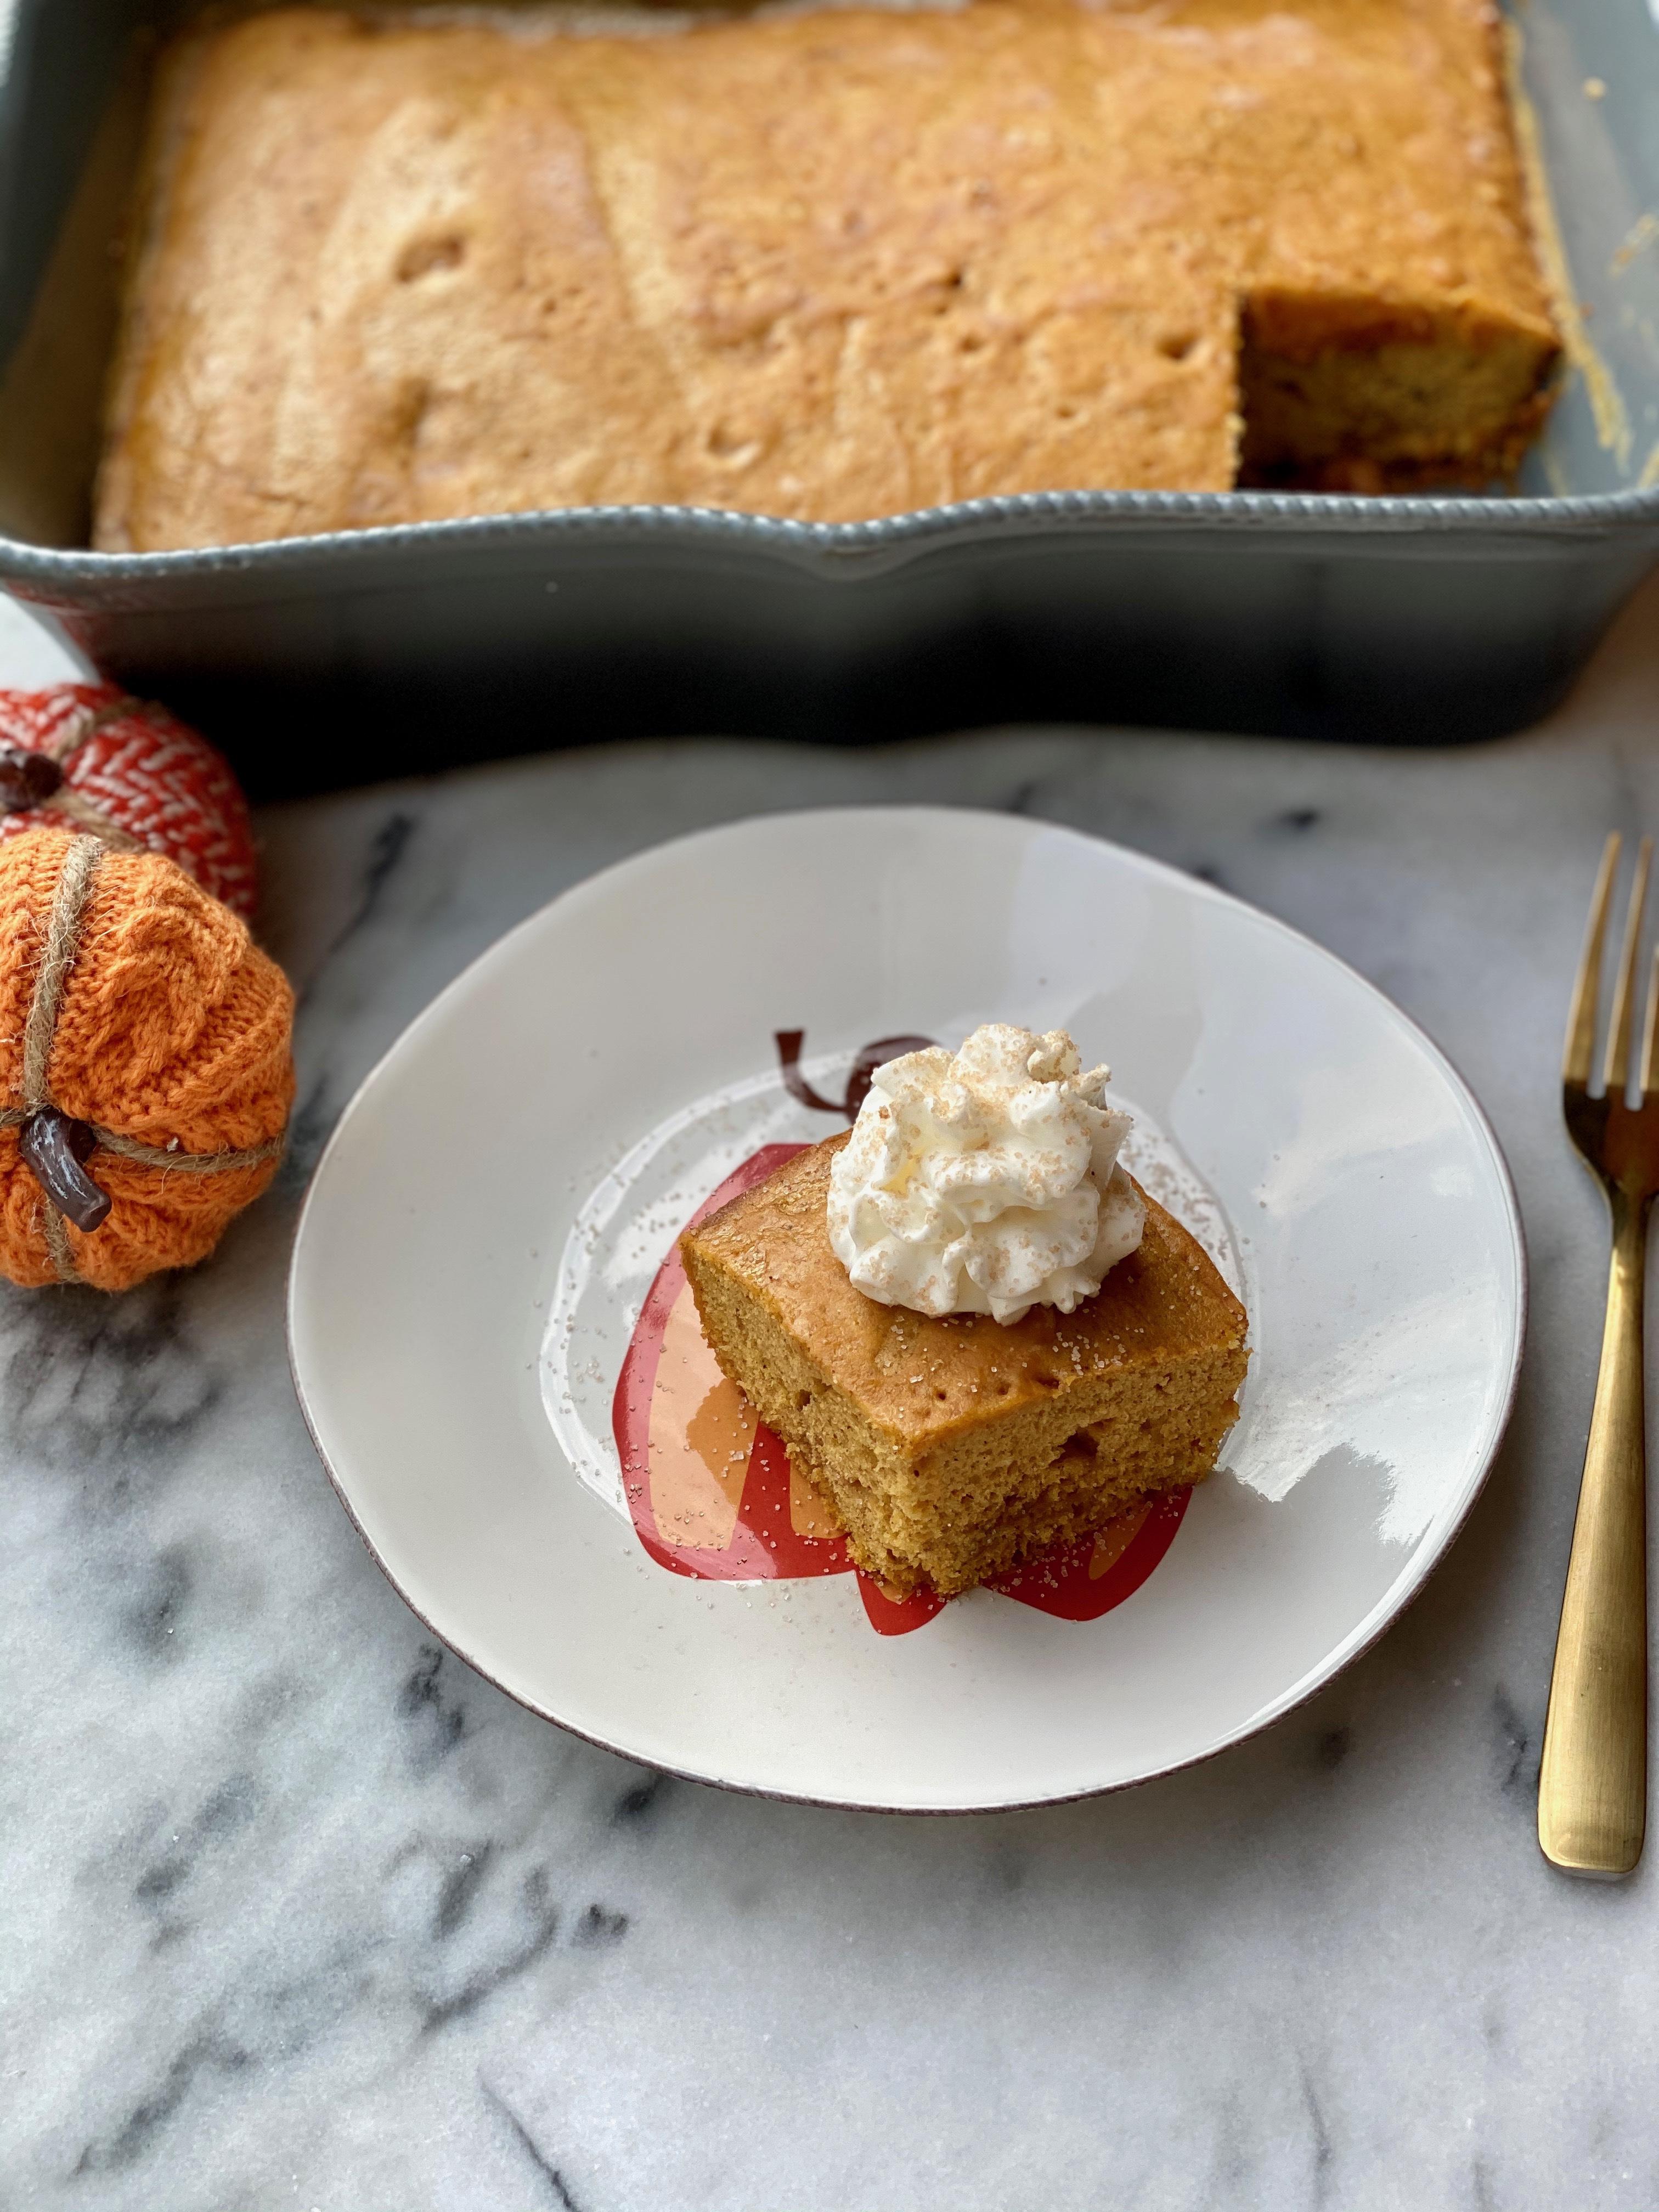 Pumpkin Spice Cake With Brown Sugar Center & Pumpkin Maple Glaze